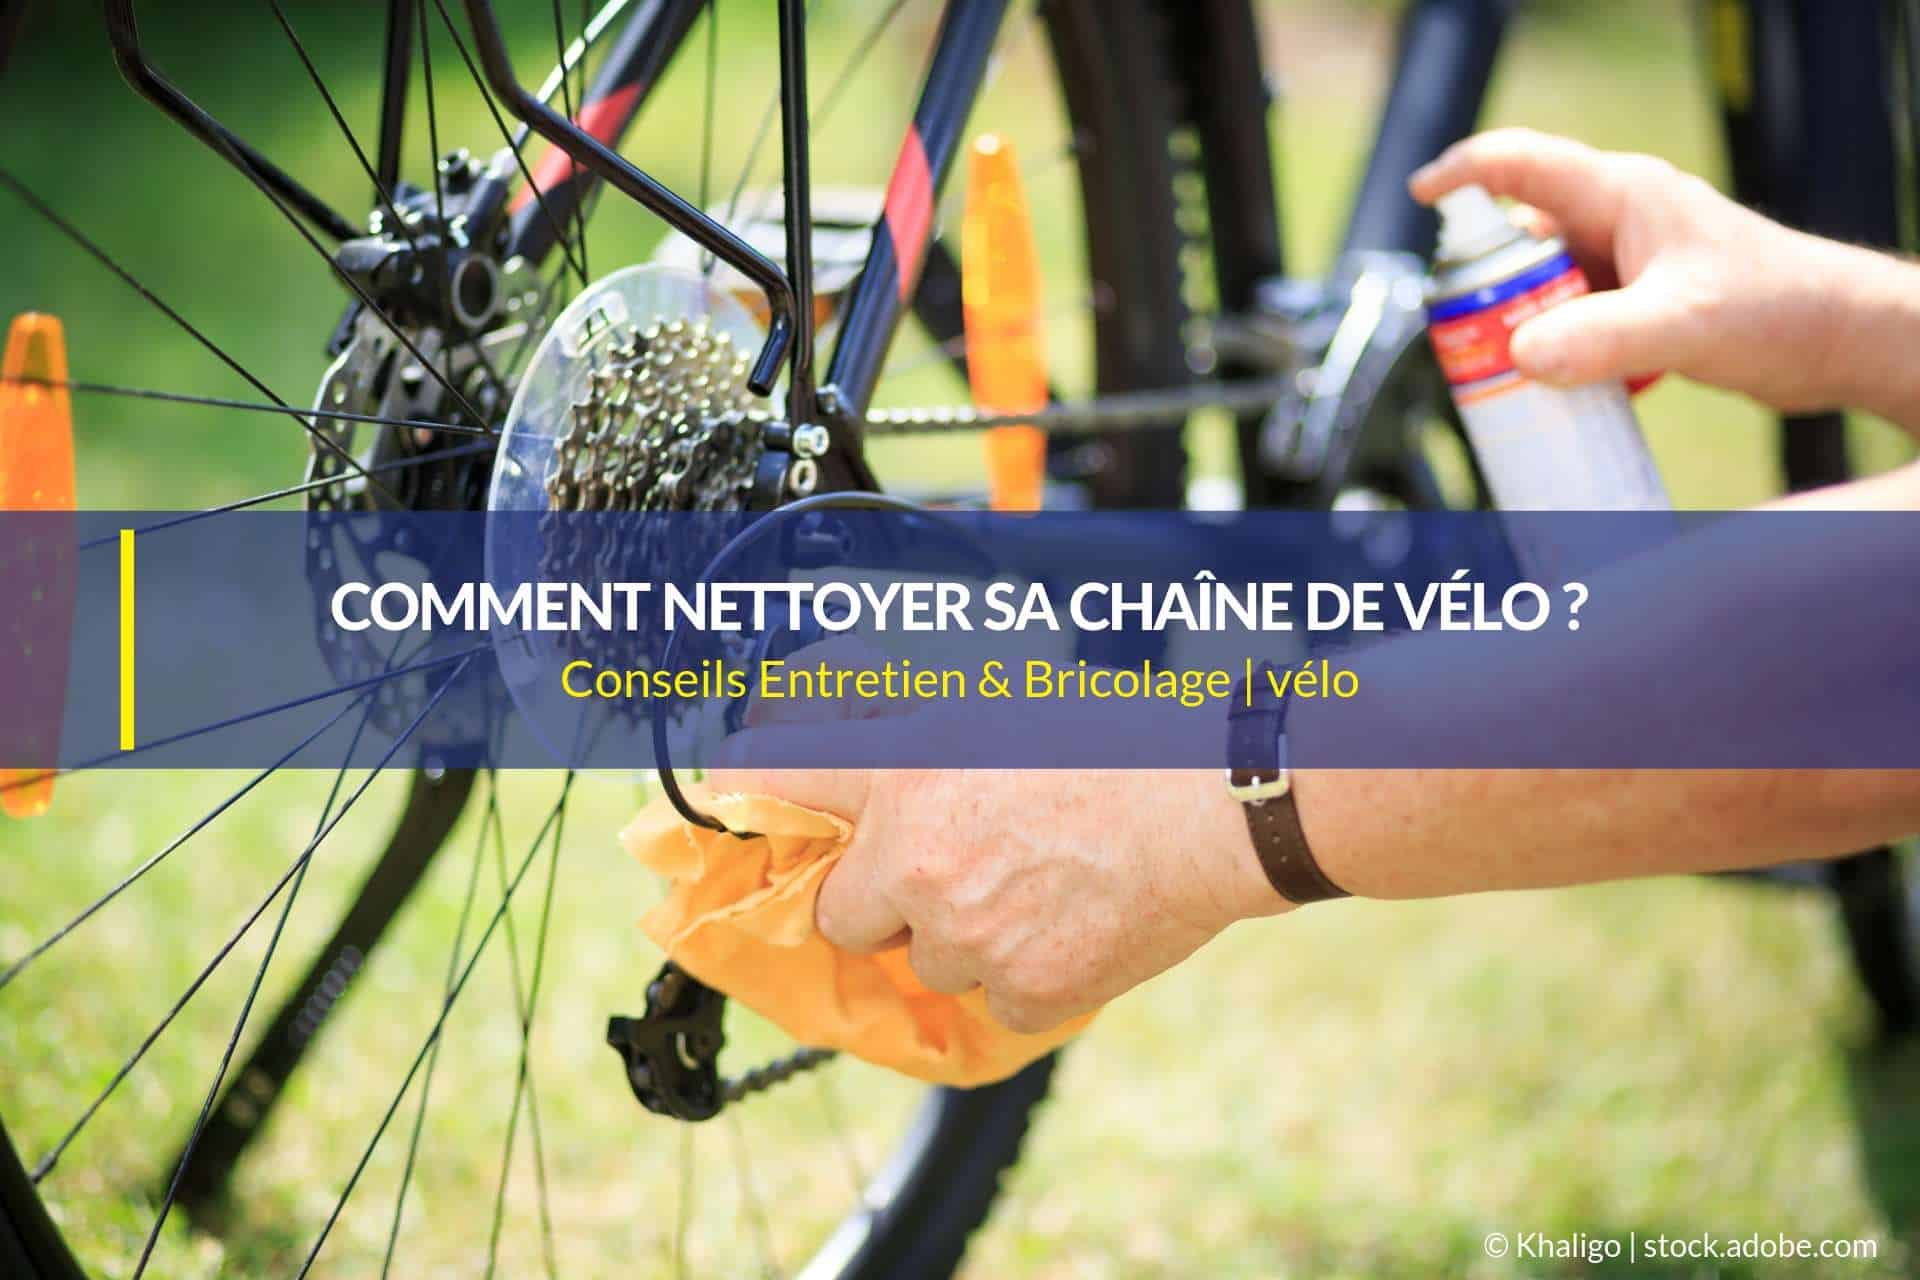 nettoyer une chaîne de vélo